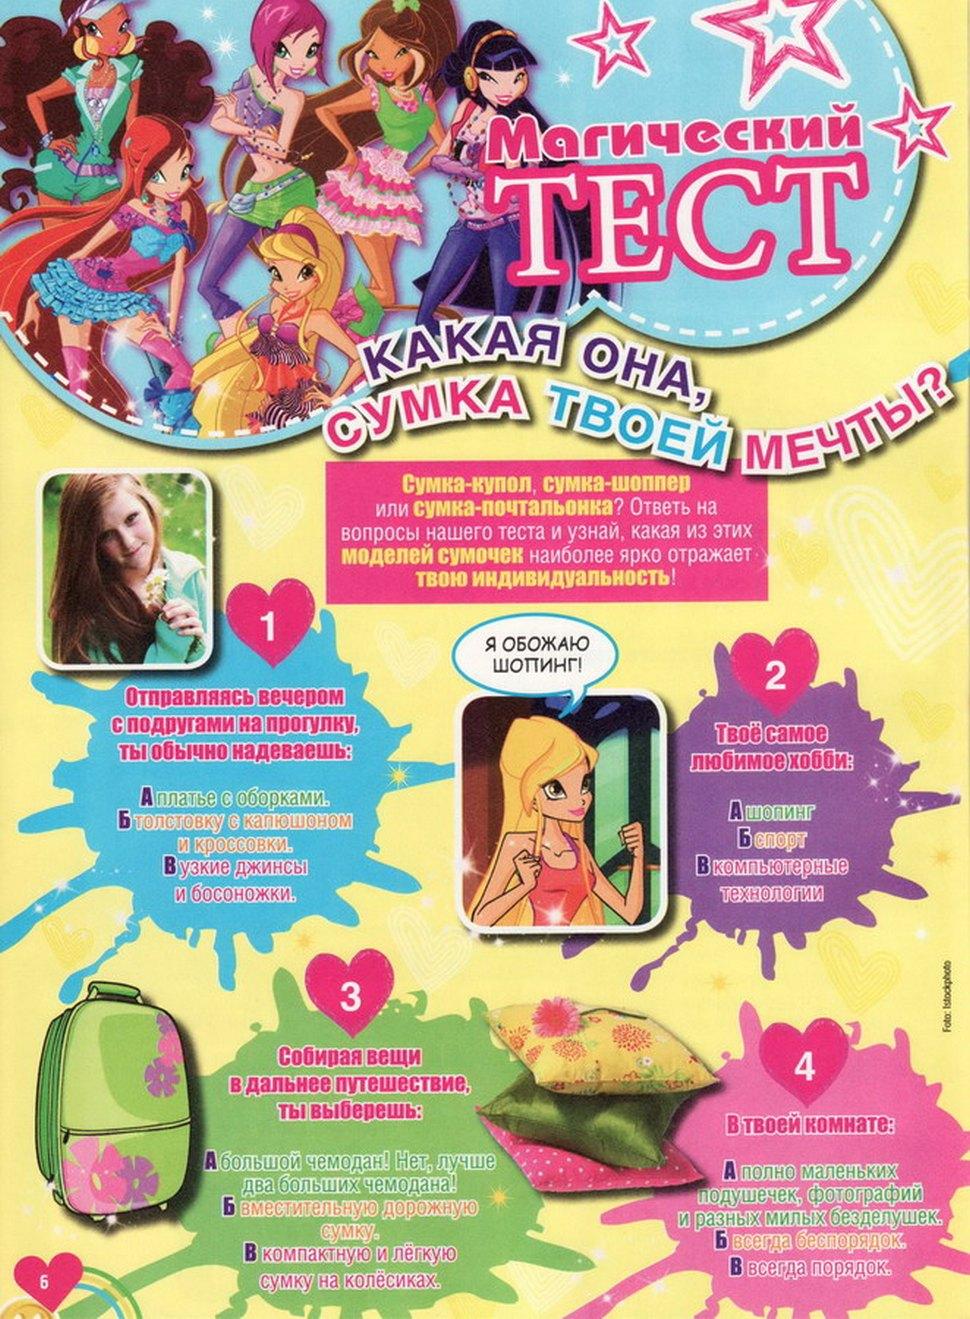 Комикс Винкс Winx - Таинственный остров (Журнал Винкс №09 2013)